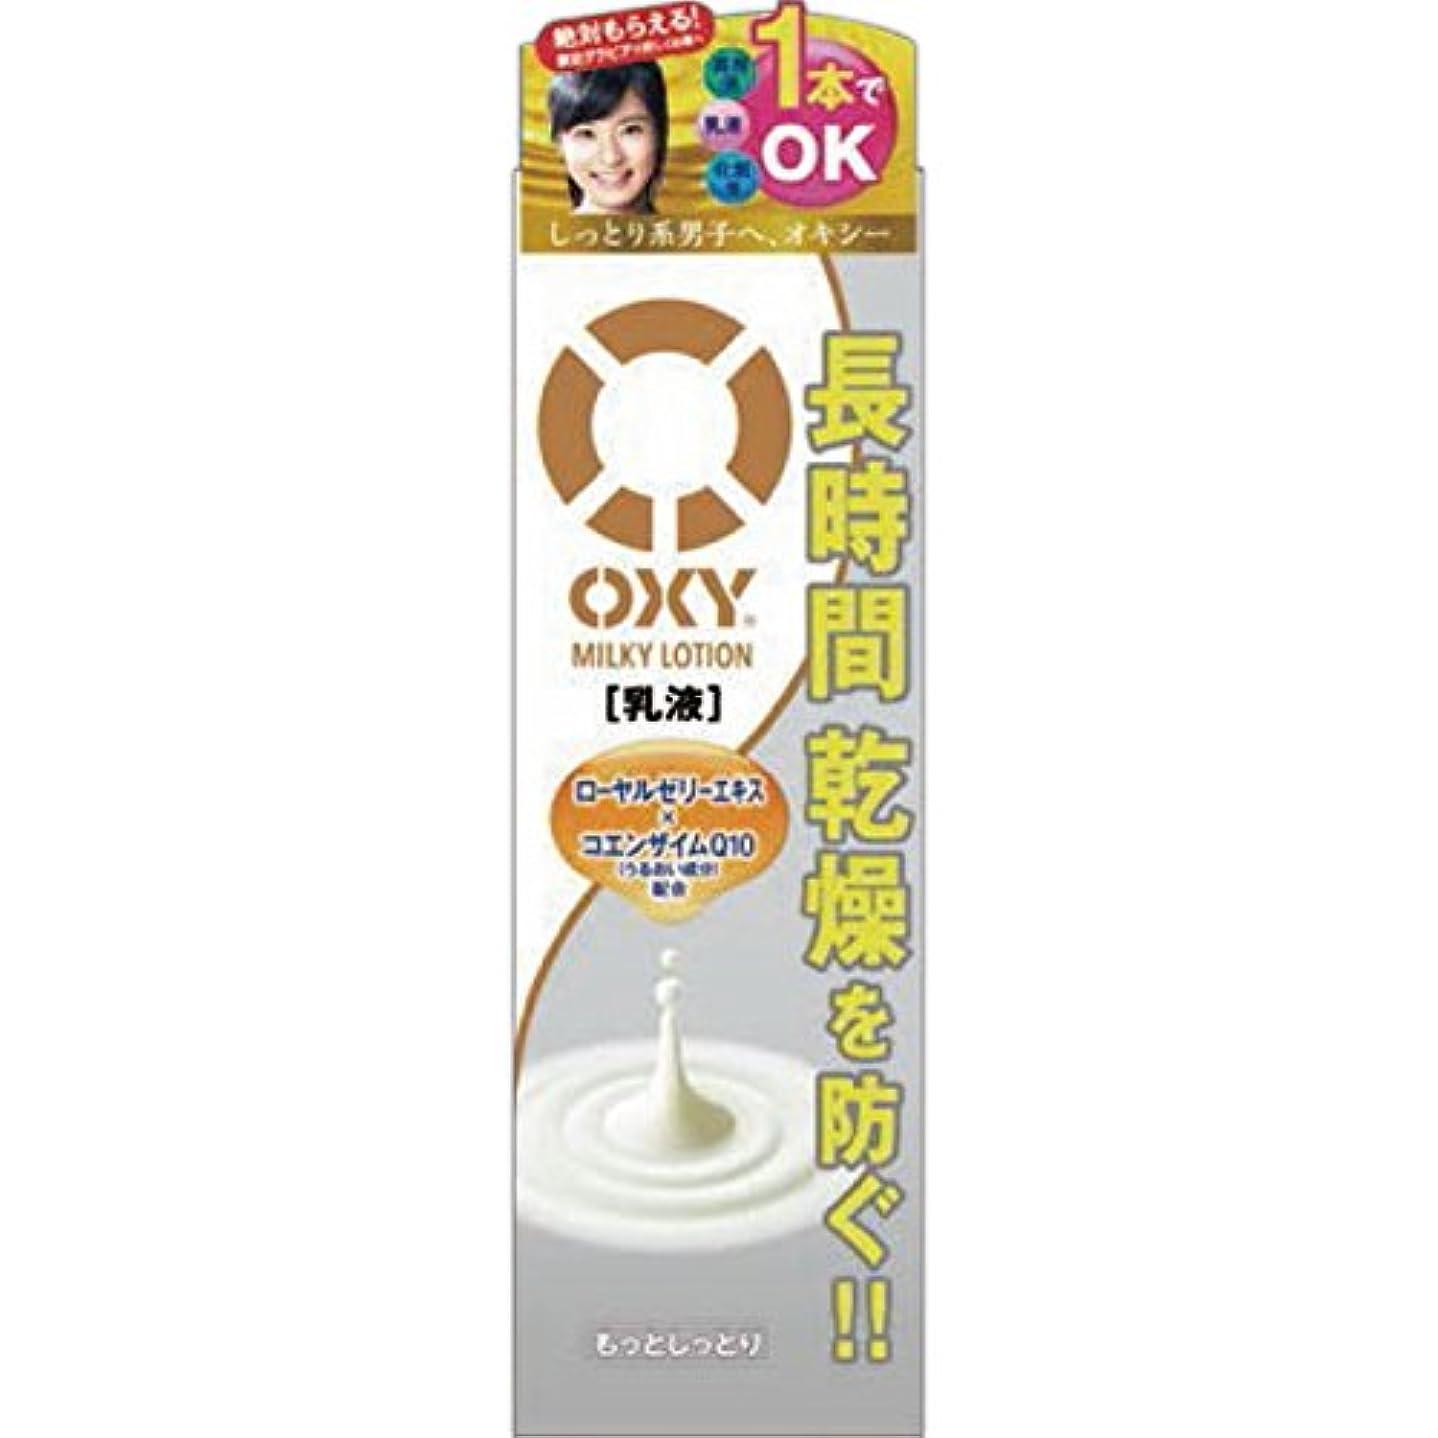 絶望期待する薄めるオキシー (Oxy) ミルキーローション オールインワン乳液 スーパーヒアルロン酸×ローヤルゼリー配合 ゼラニウムの香 170mL